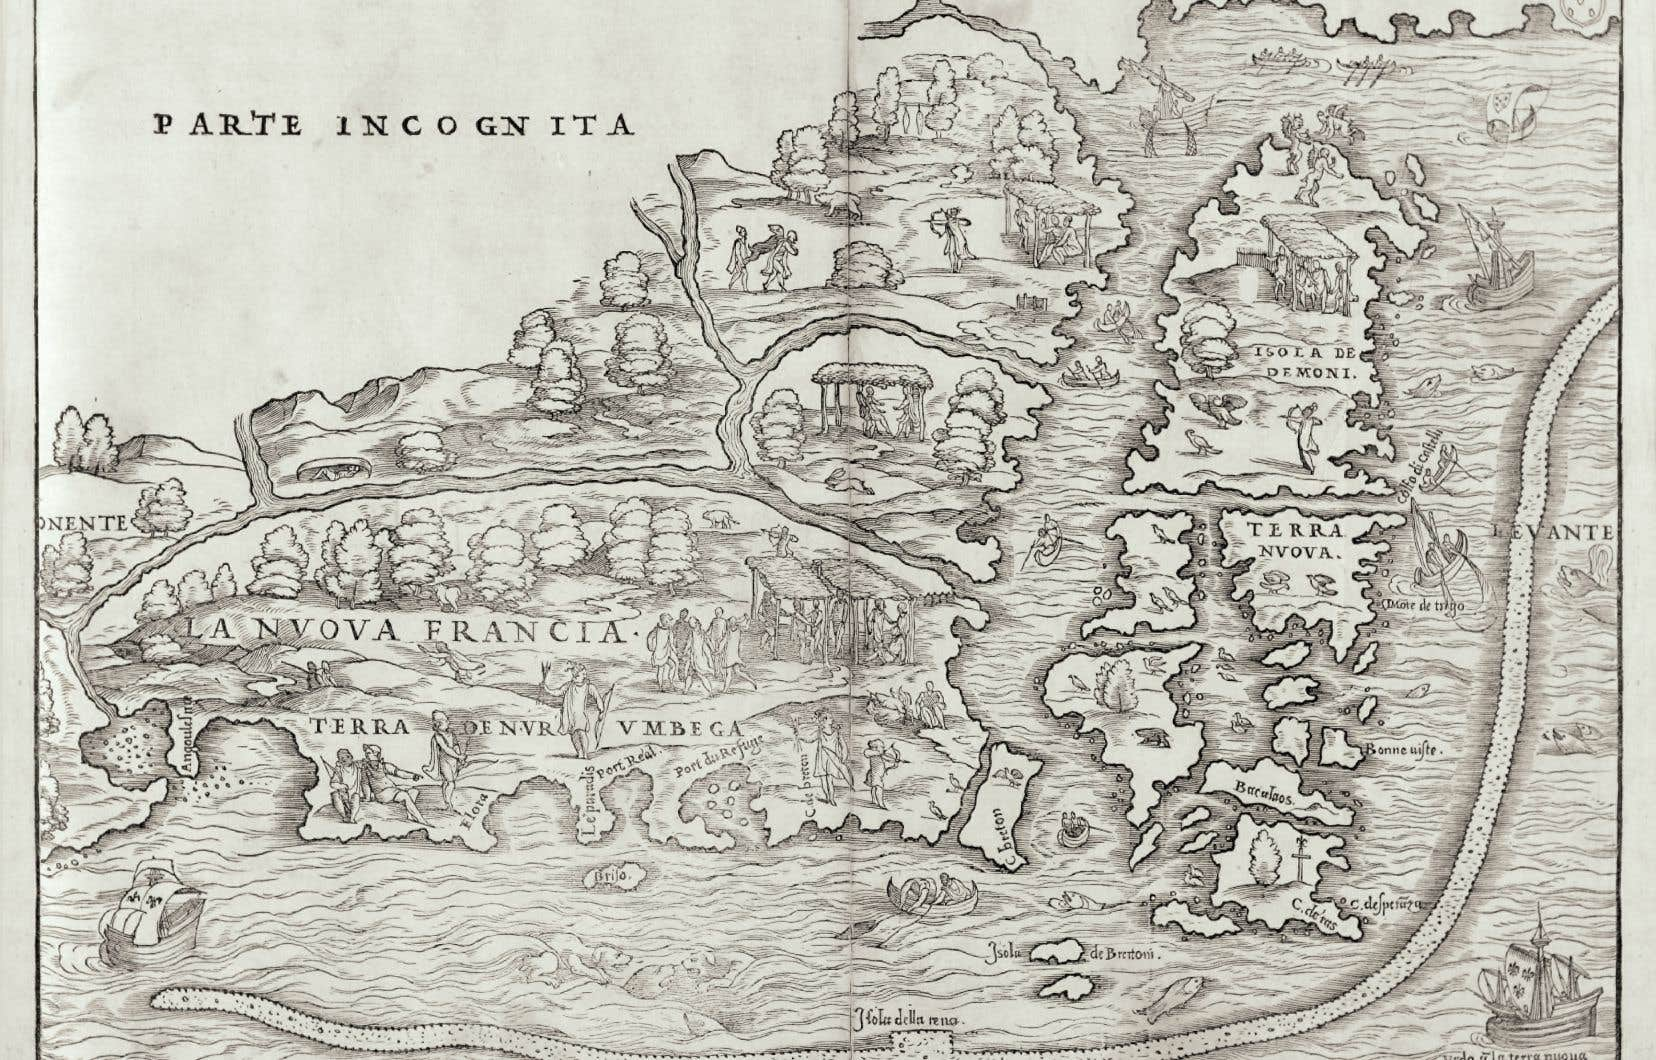 La mystérieuse île aux Démons est longtemps apparue près de L'Anse-aux-Meadows, au nord de Terre-Neuve, sur les cartes de la Renaissance.